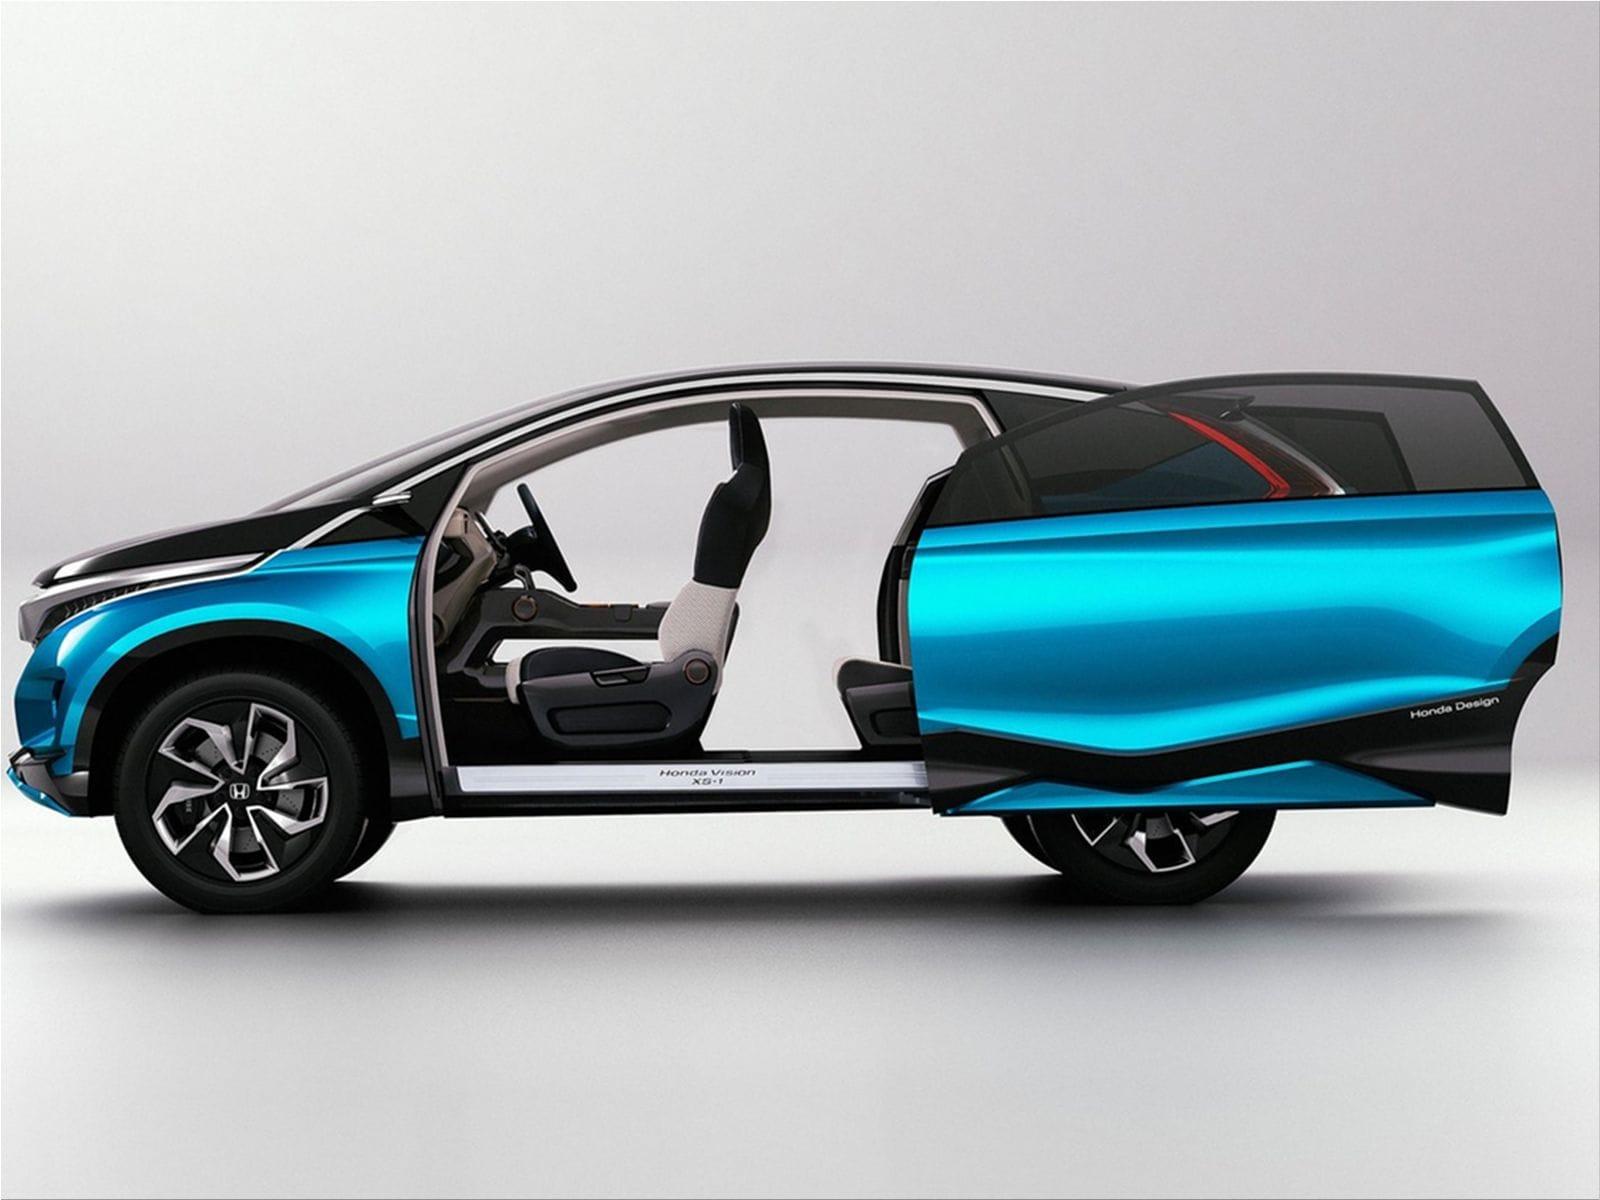 Honda Vision Xs 1 Concept At The 2014 Auto Expo Honda Car